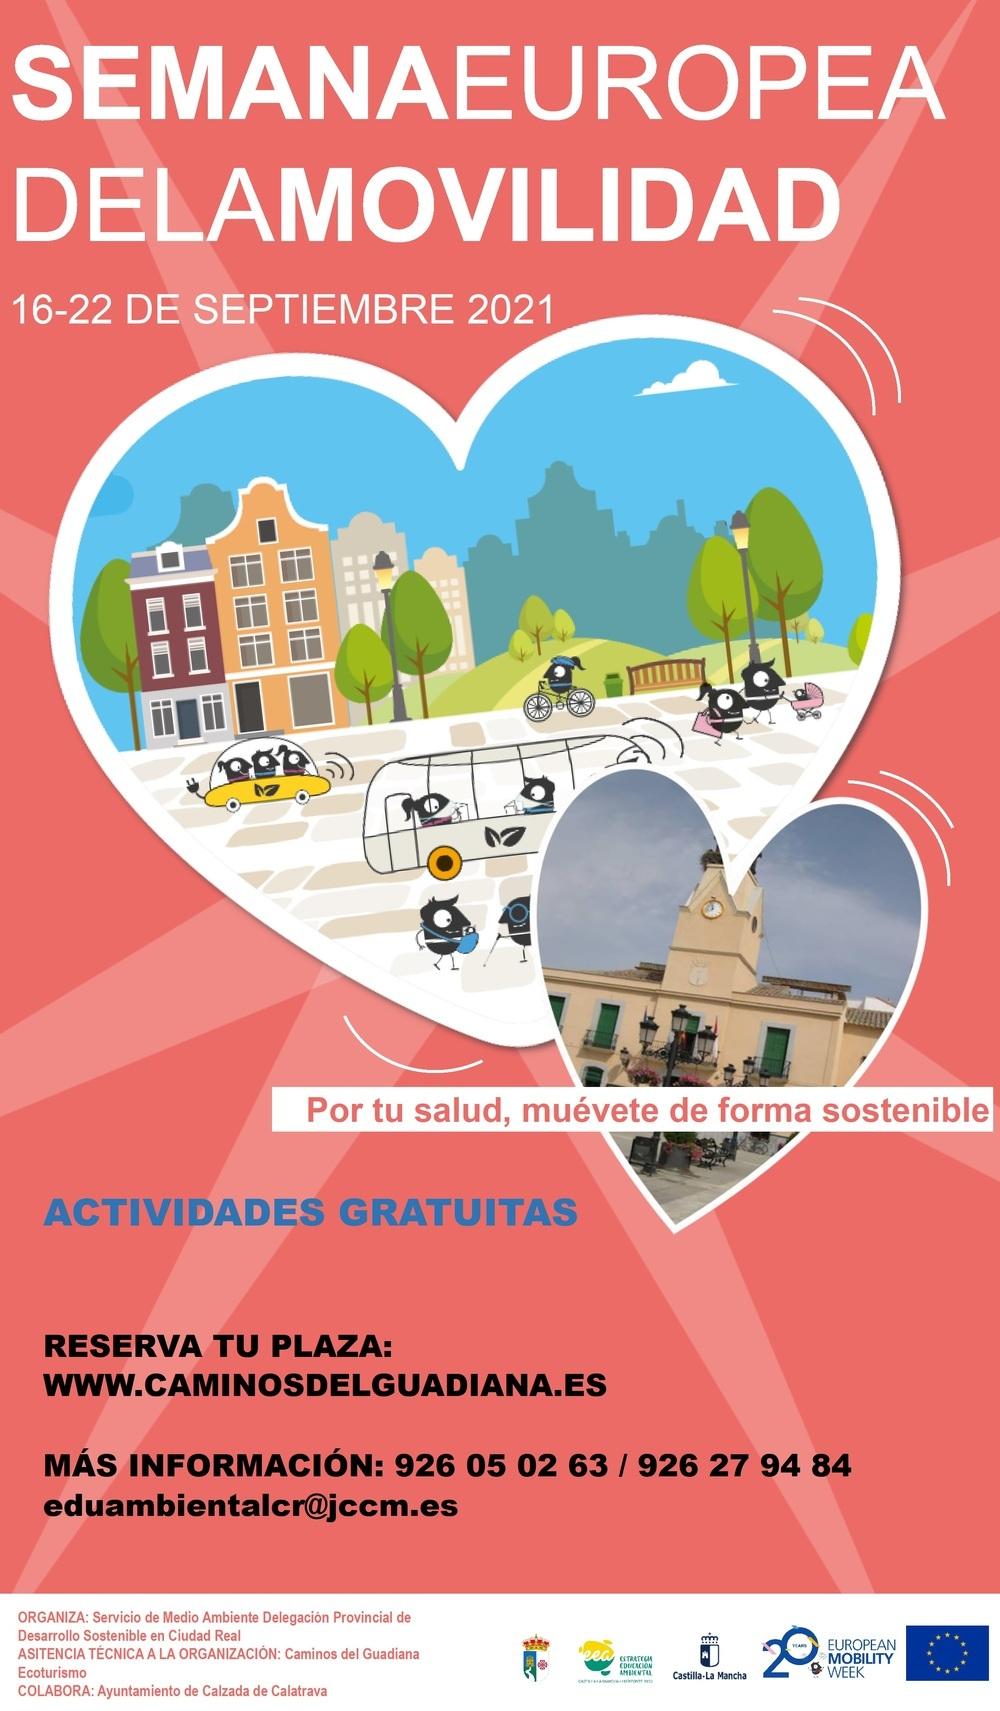 Calzada, centro de actividades de la semana de la movilidad